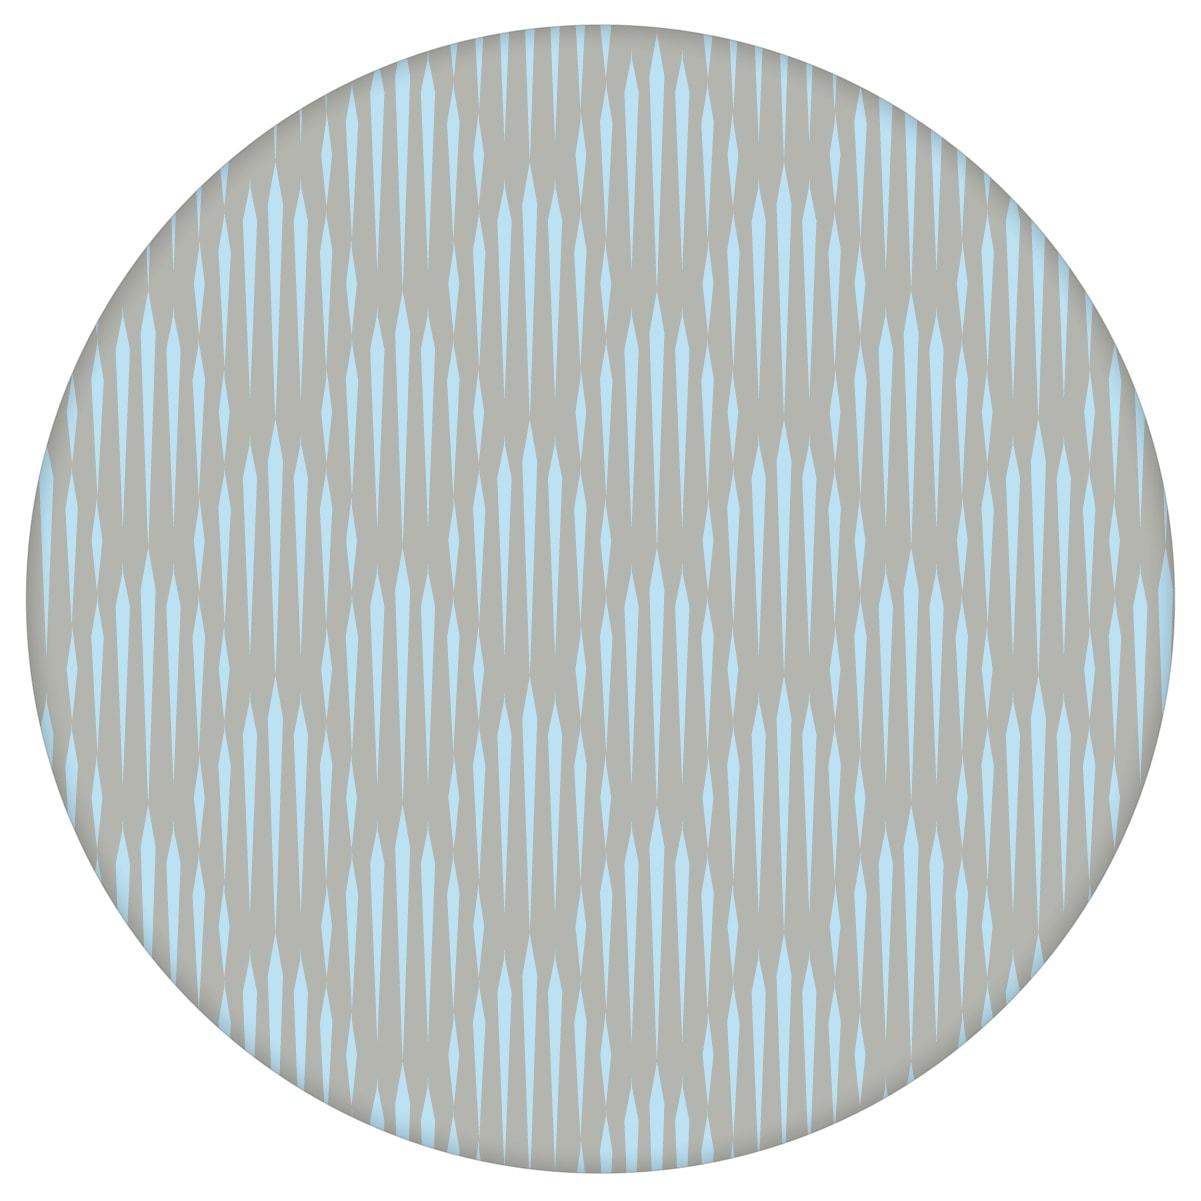 Diamant Design Tapete Art Deko mit grafischer Eleganz in hellblau - Ornamenttapete für Flur, Büro aus den Tapeten Neuheiten Exklusive Tapete für schönes Wohnen als Naturaltouch Luxus Vliestapete oder Basic Vliestapete